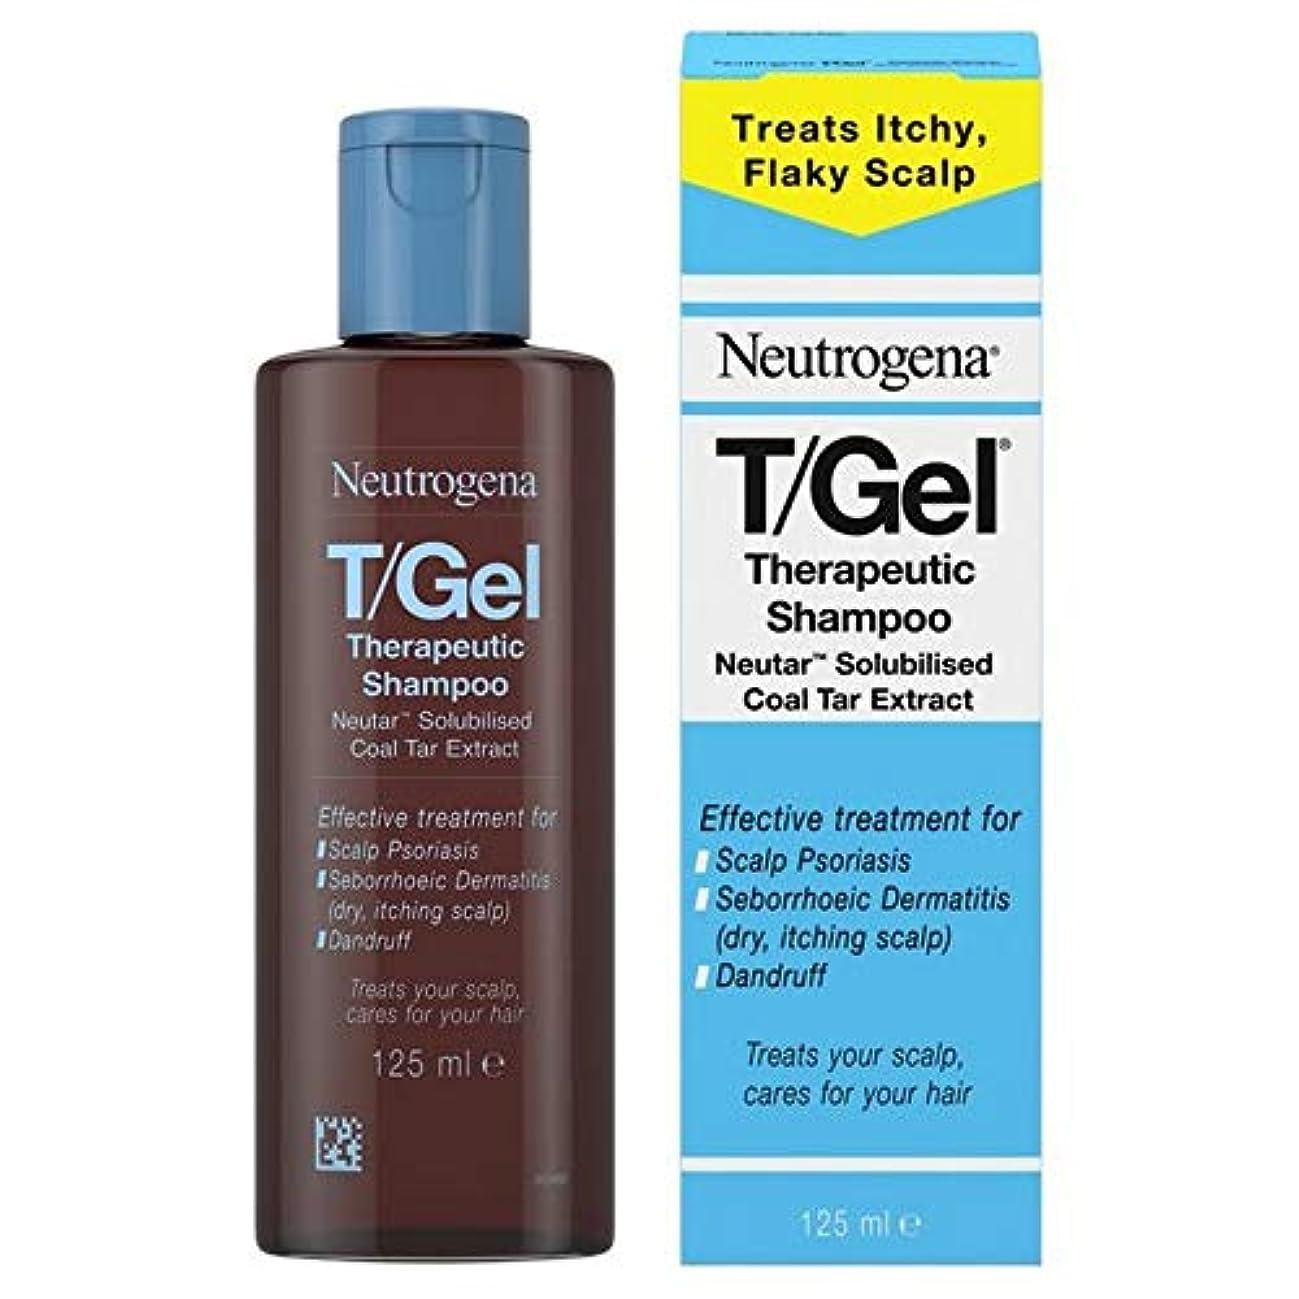 コイン征服するクラシック[Neutrogena ] ニュートロジーナのT /ゲル治療シャンプー125ミリリットル - Neutrogena T/Gel Therapeutic Shampoo 125ml [並行輸入品]